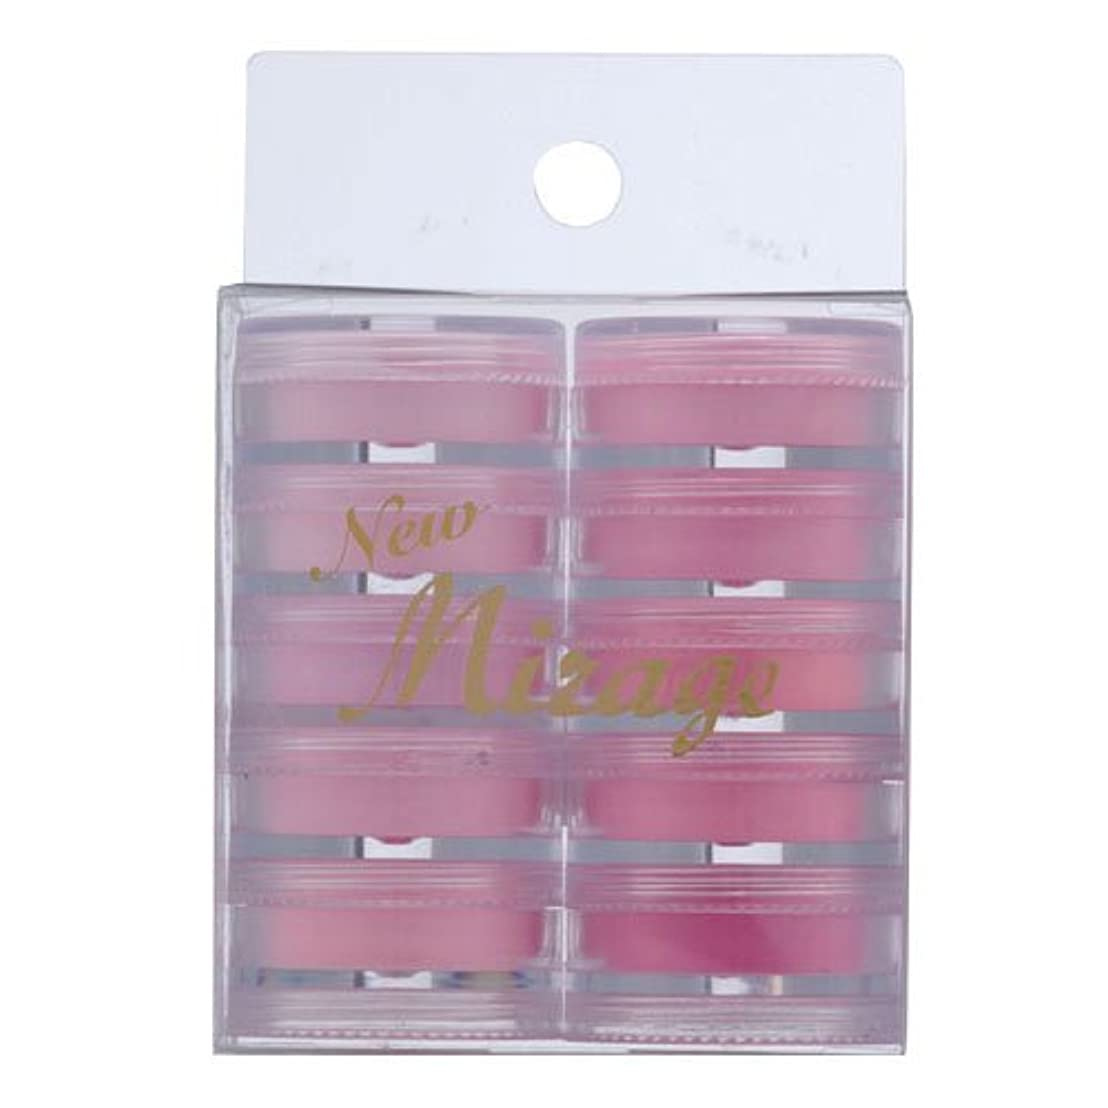 薄い巻き取りプリーツミラージュ カラーパウダー N/WPG  3.5g×10色セット  アクリルパウダー ピンクのグラデーションカラーのセット